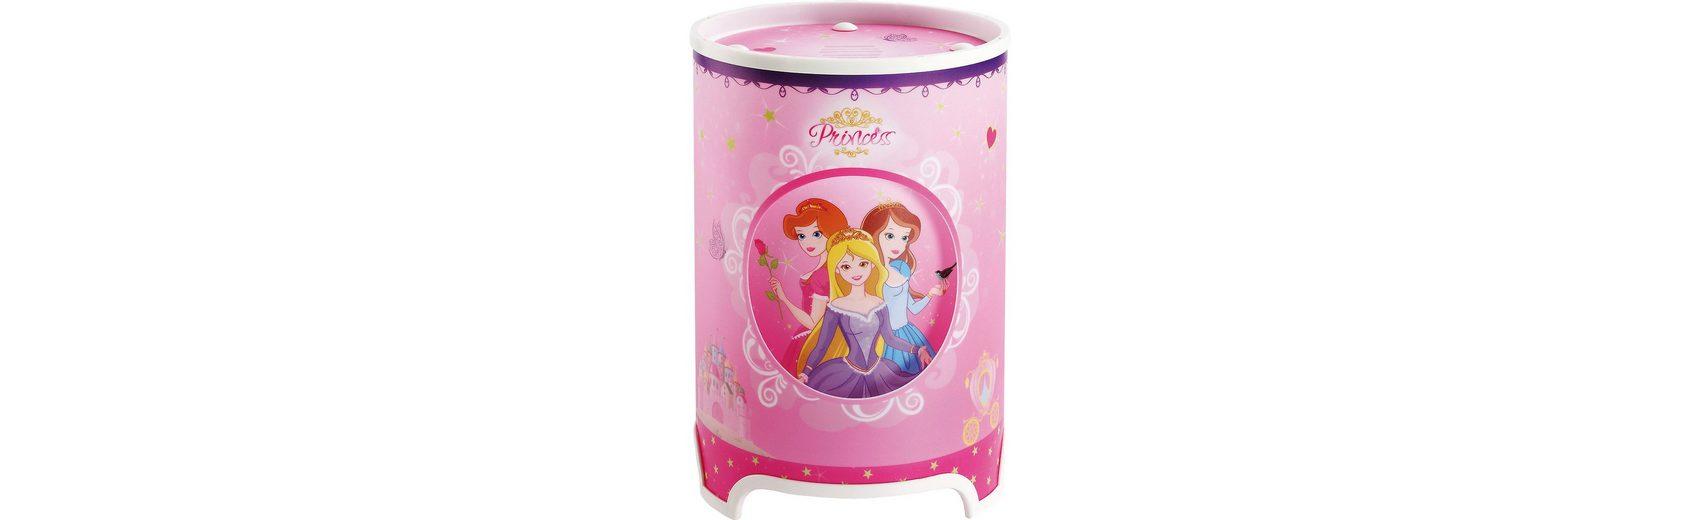 Dalber Tischlampe Prinzessin, pink